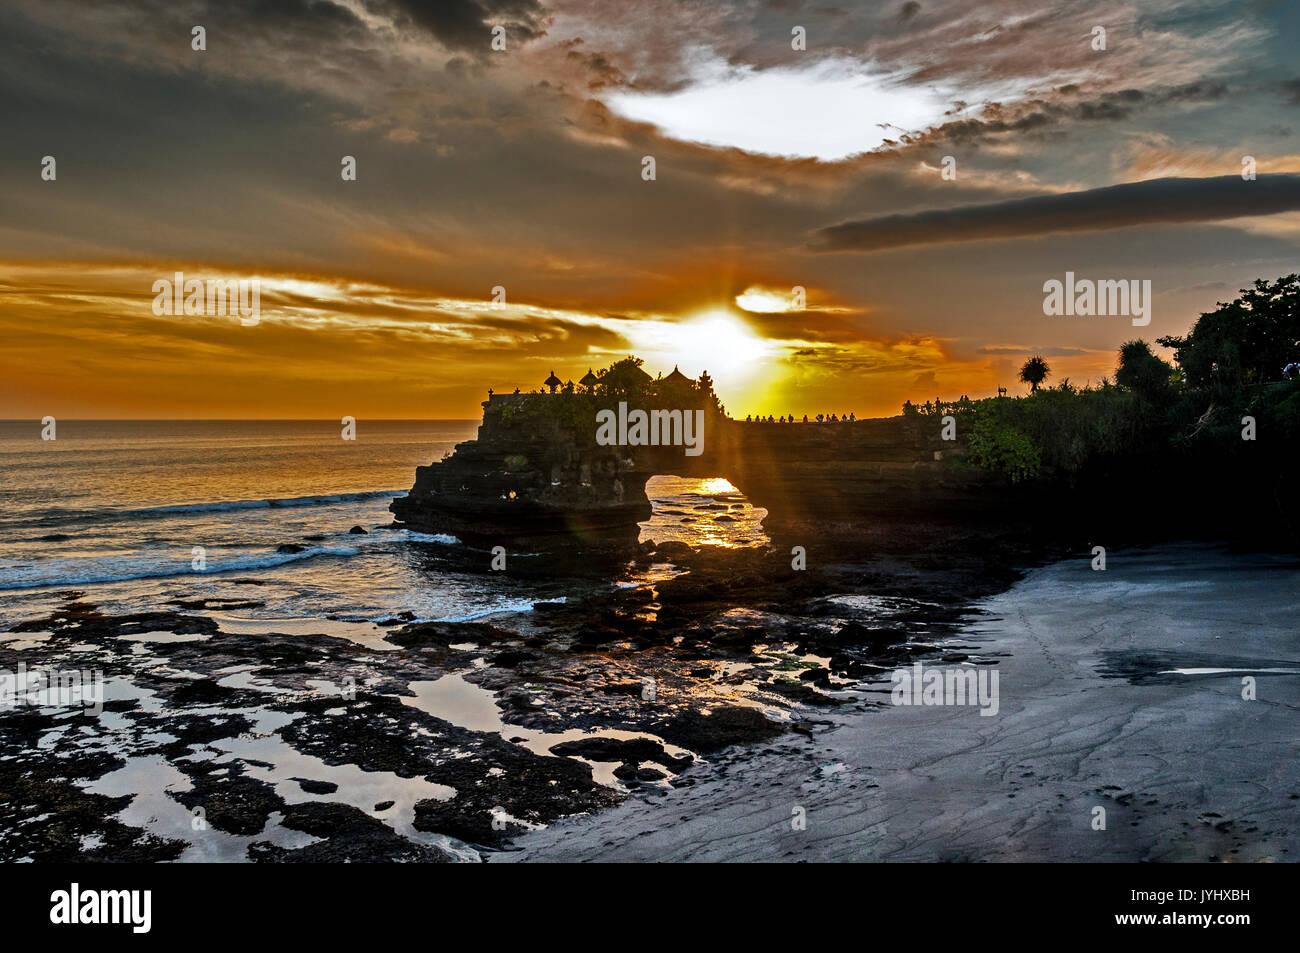 Indonésie. Bali. Pura Batu Bolong. Minuscule sanctuaire hindouiste,  juché au sommet d'un mur rocheux, à coté du Tanah Lot // Indonesia. Bali. Pura Ba - Stock Image